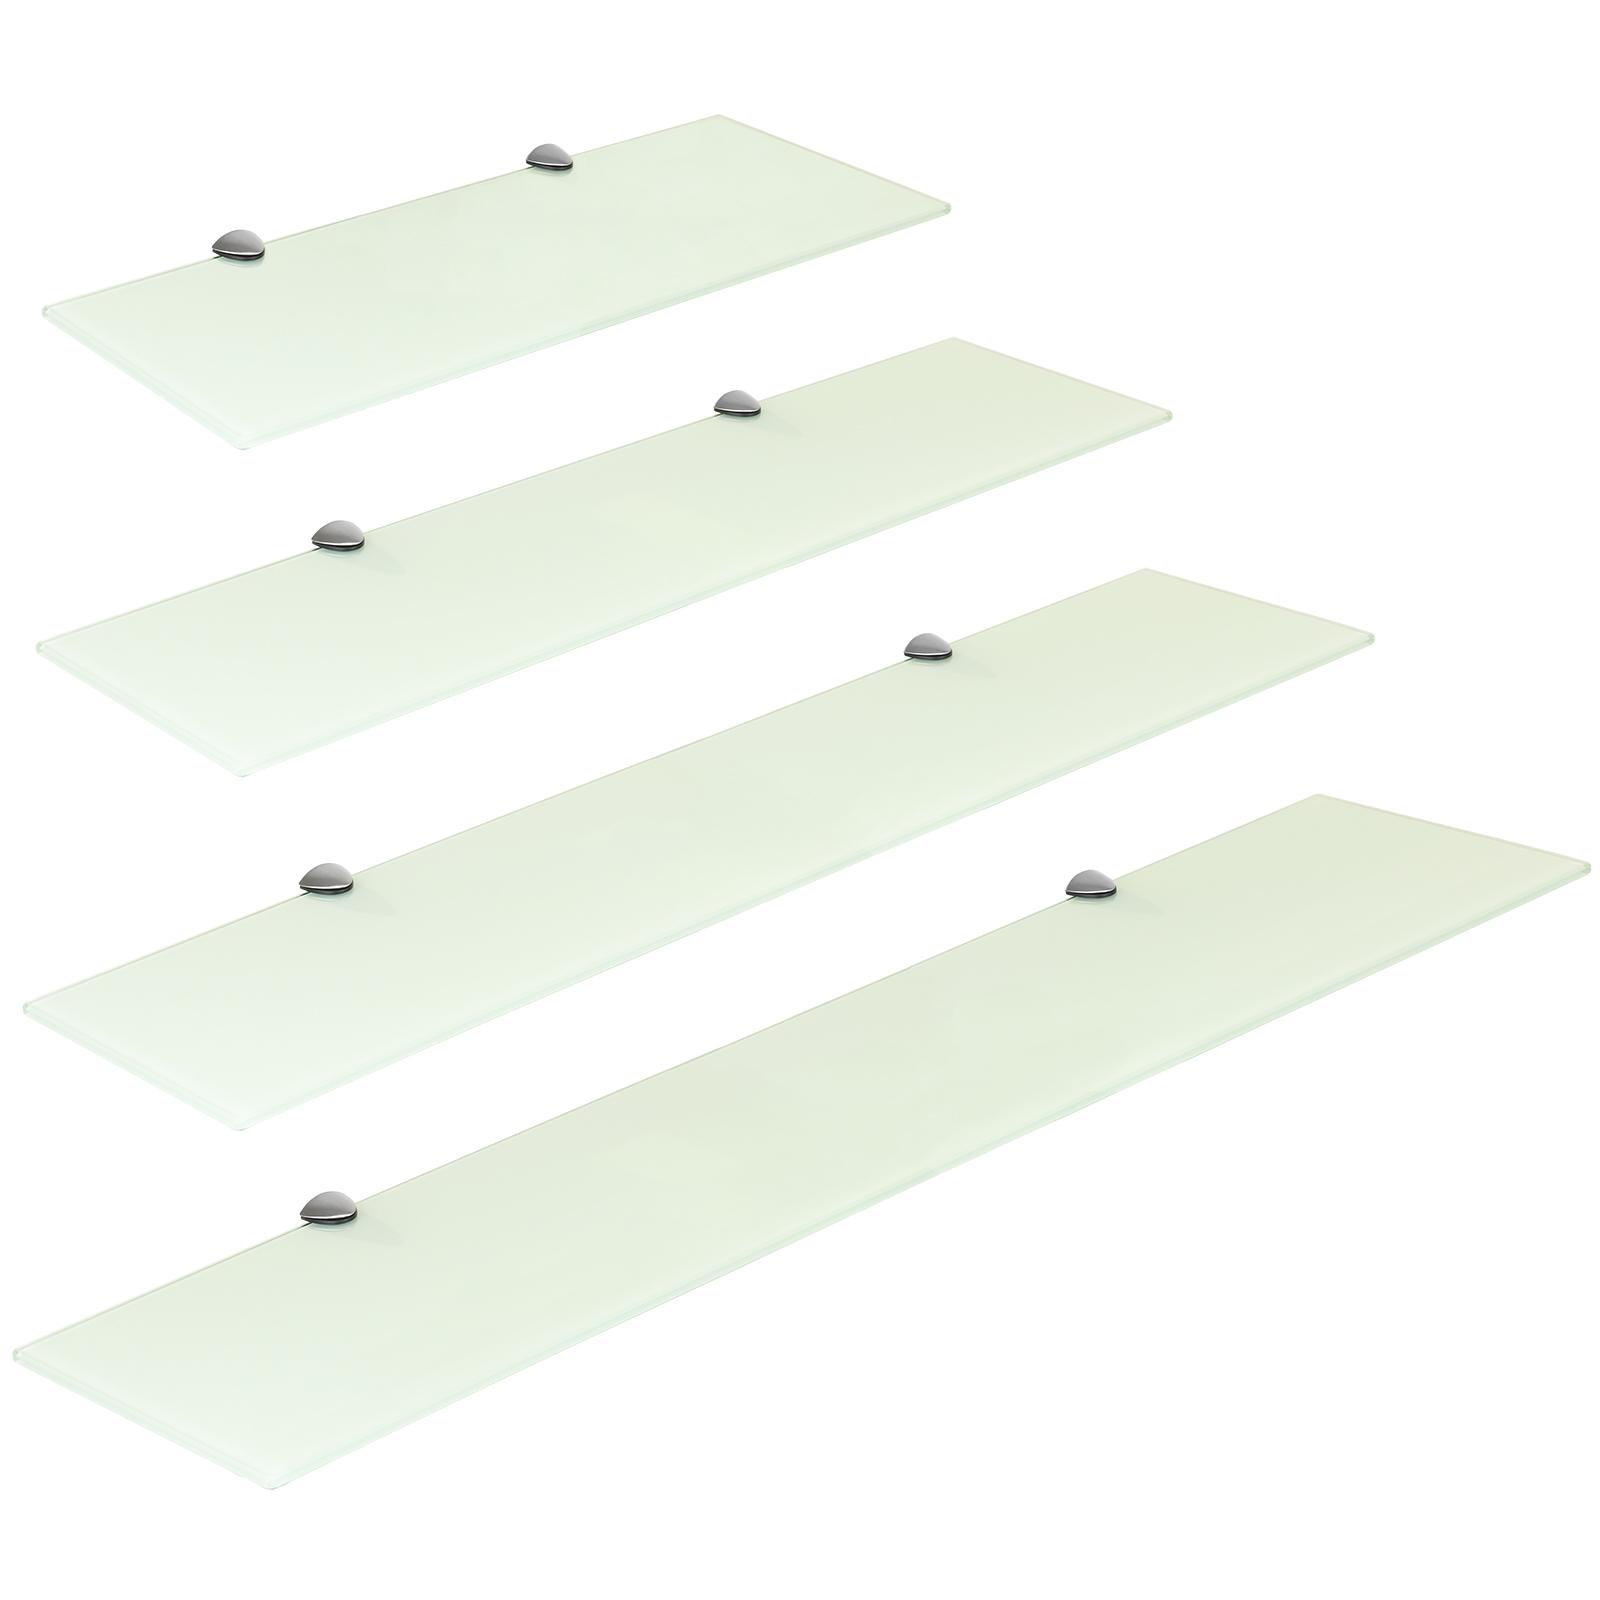 Fissaggi Per Mensole.Dettagli Su Hartleys Mensola Scaffale Vetro Bianco Con Fissaggi In Cromo Varie Dimensioni